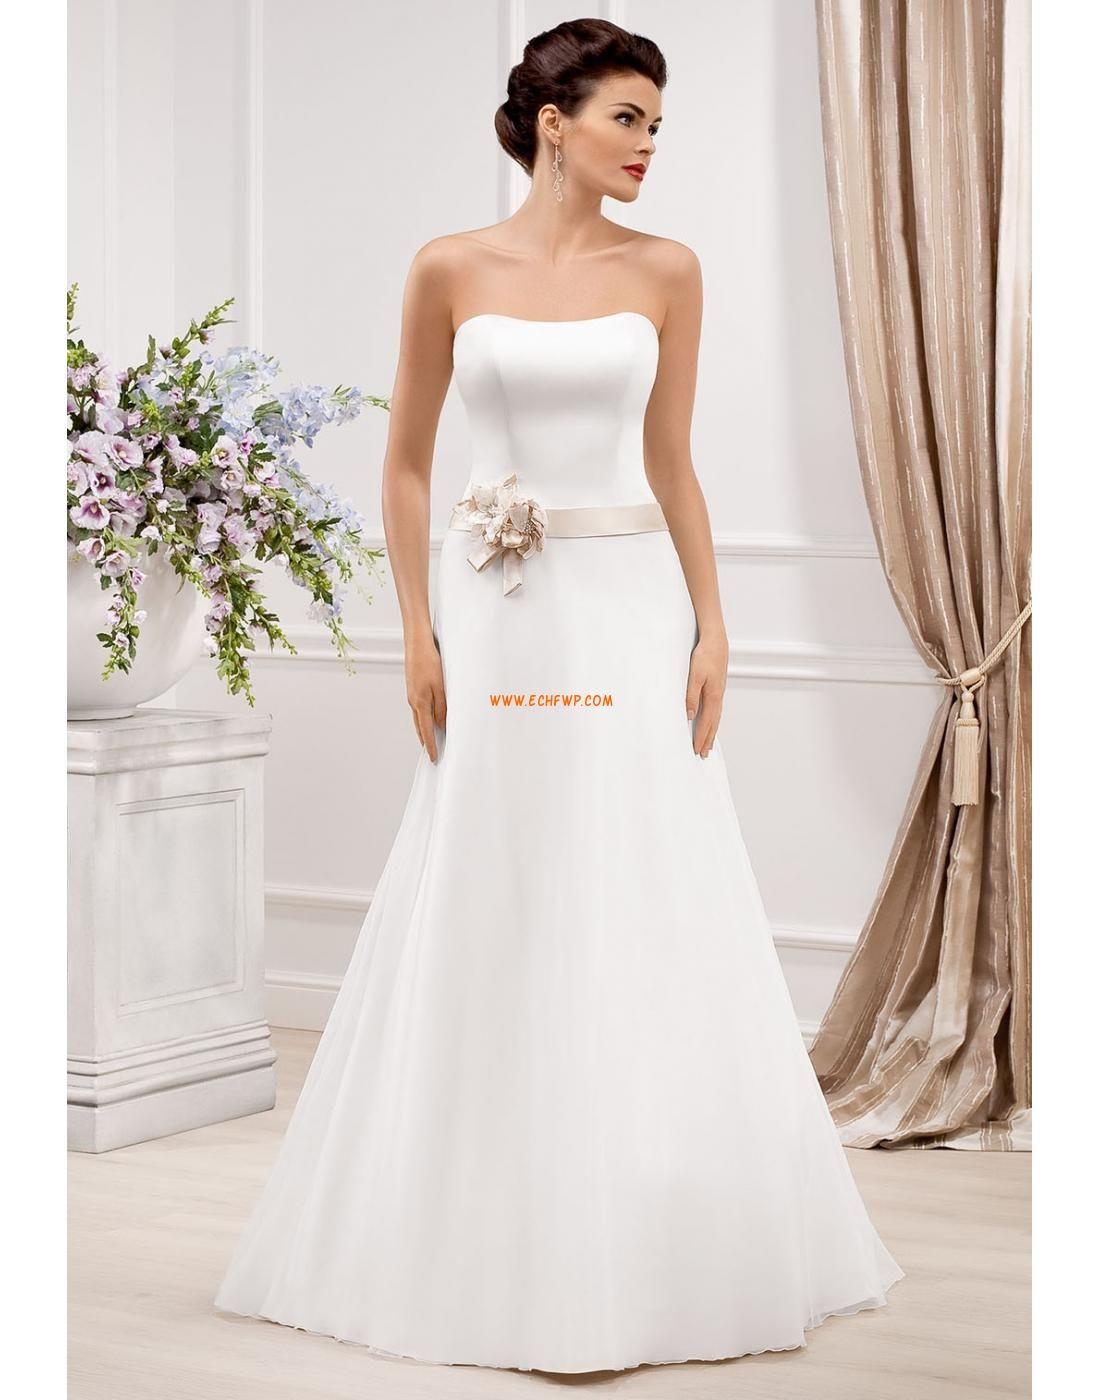 Vloer Lengte Voorjaar 2014 Glamoureuze & Dramatische Bruidsmode 2014